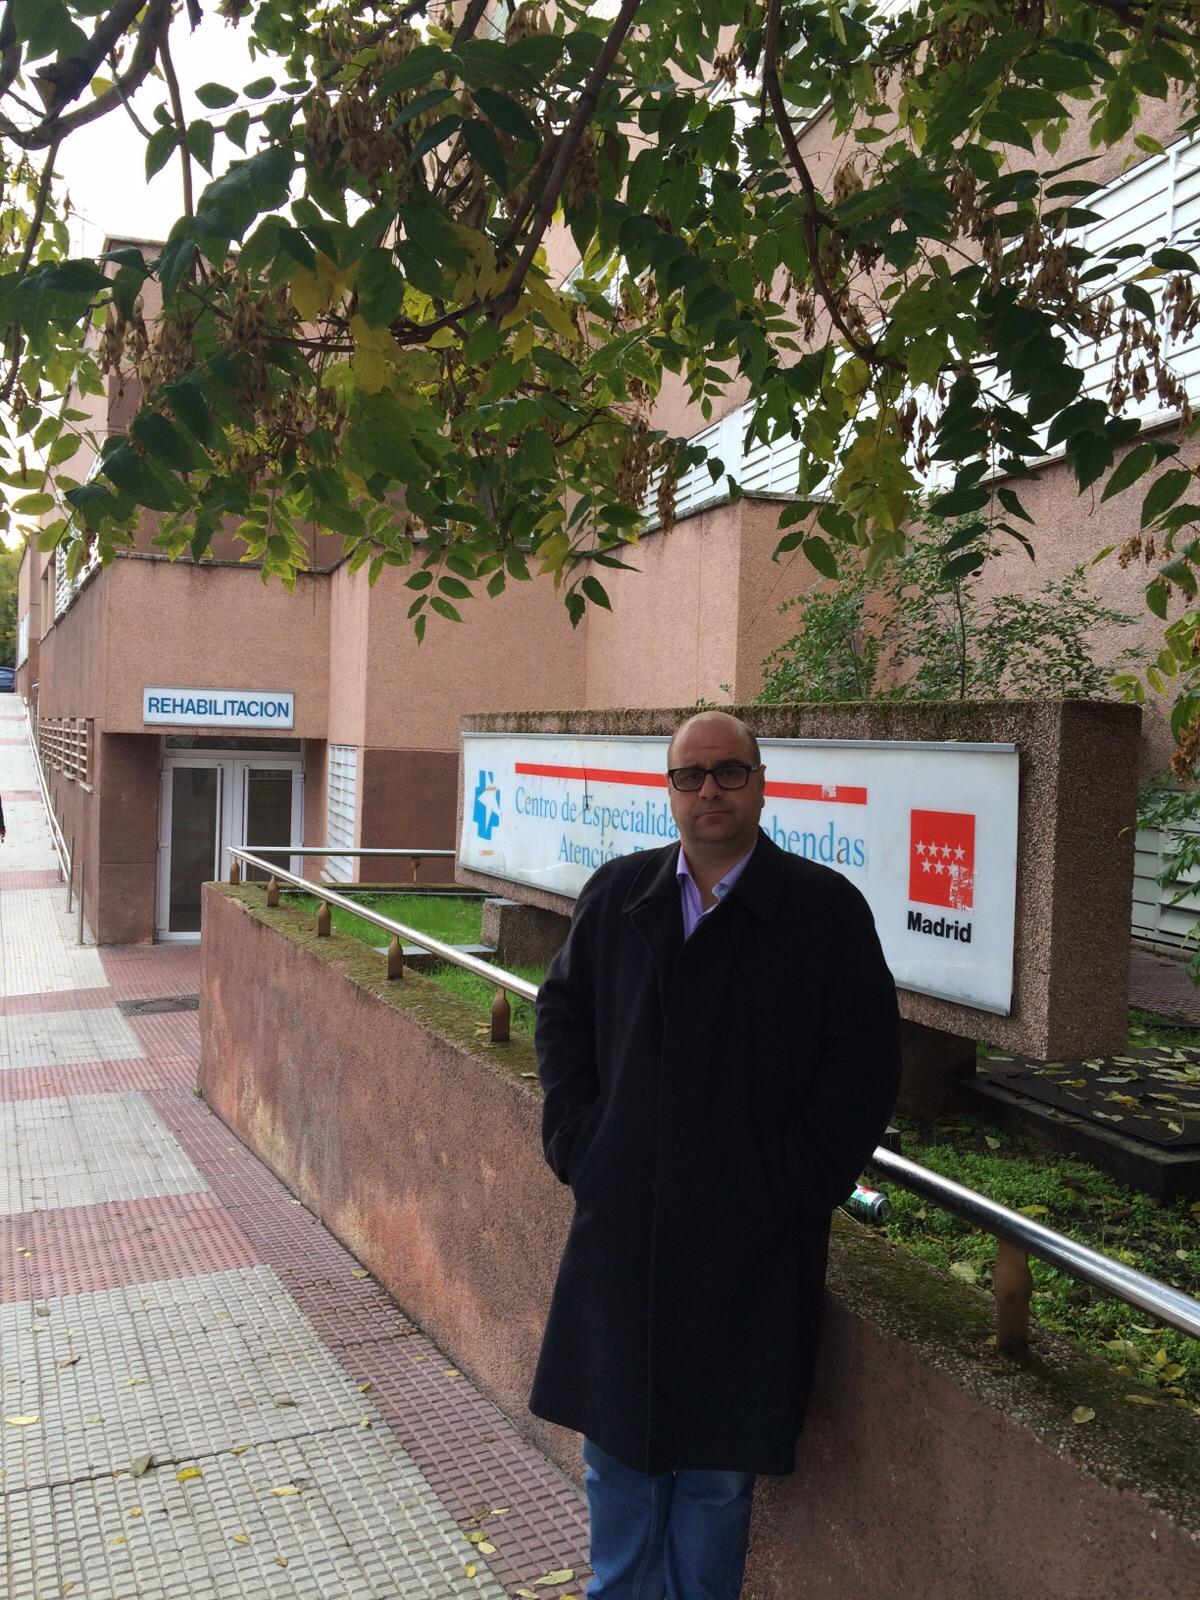 Centro de Especialidades Blas de Otero